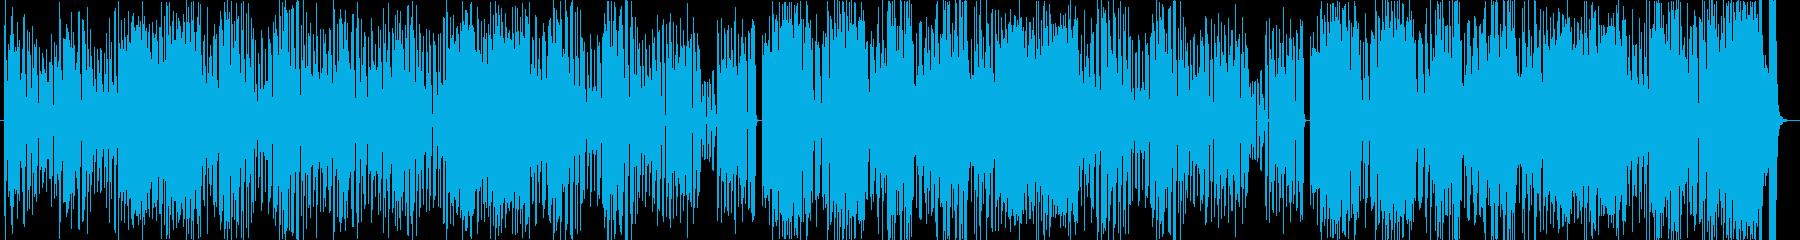 ポップでドタバタコミカルなアニメ風BGMの再生済みの波形